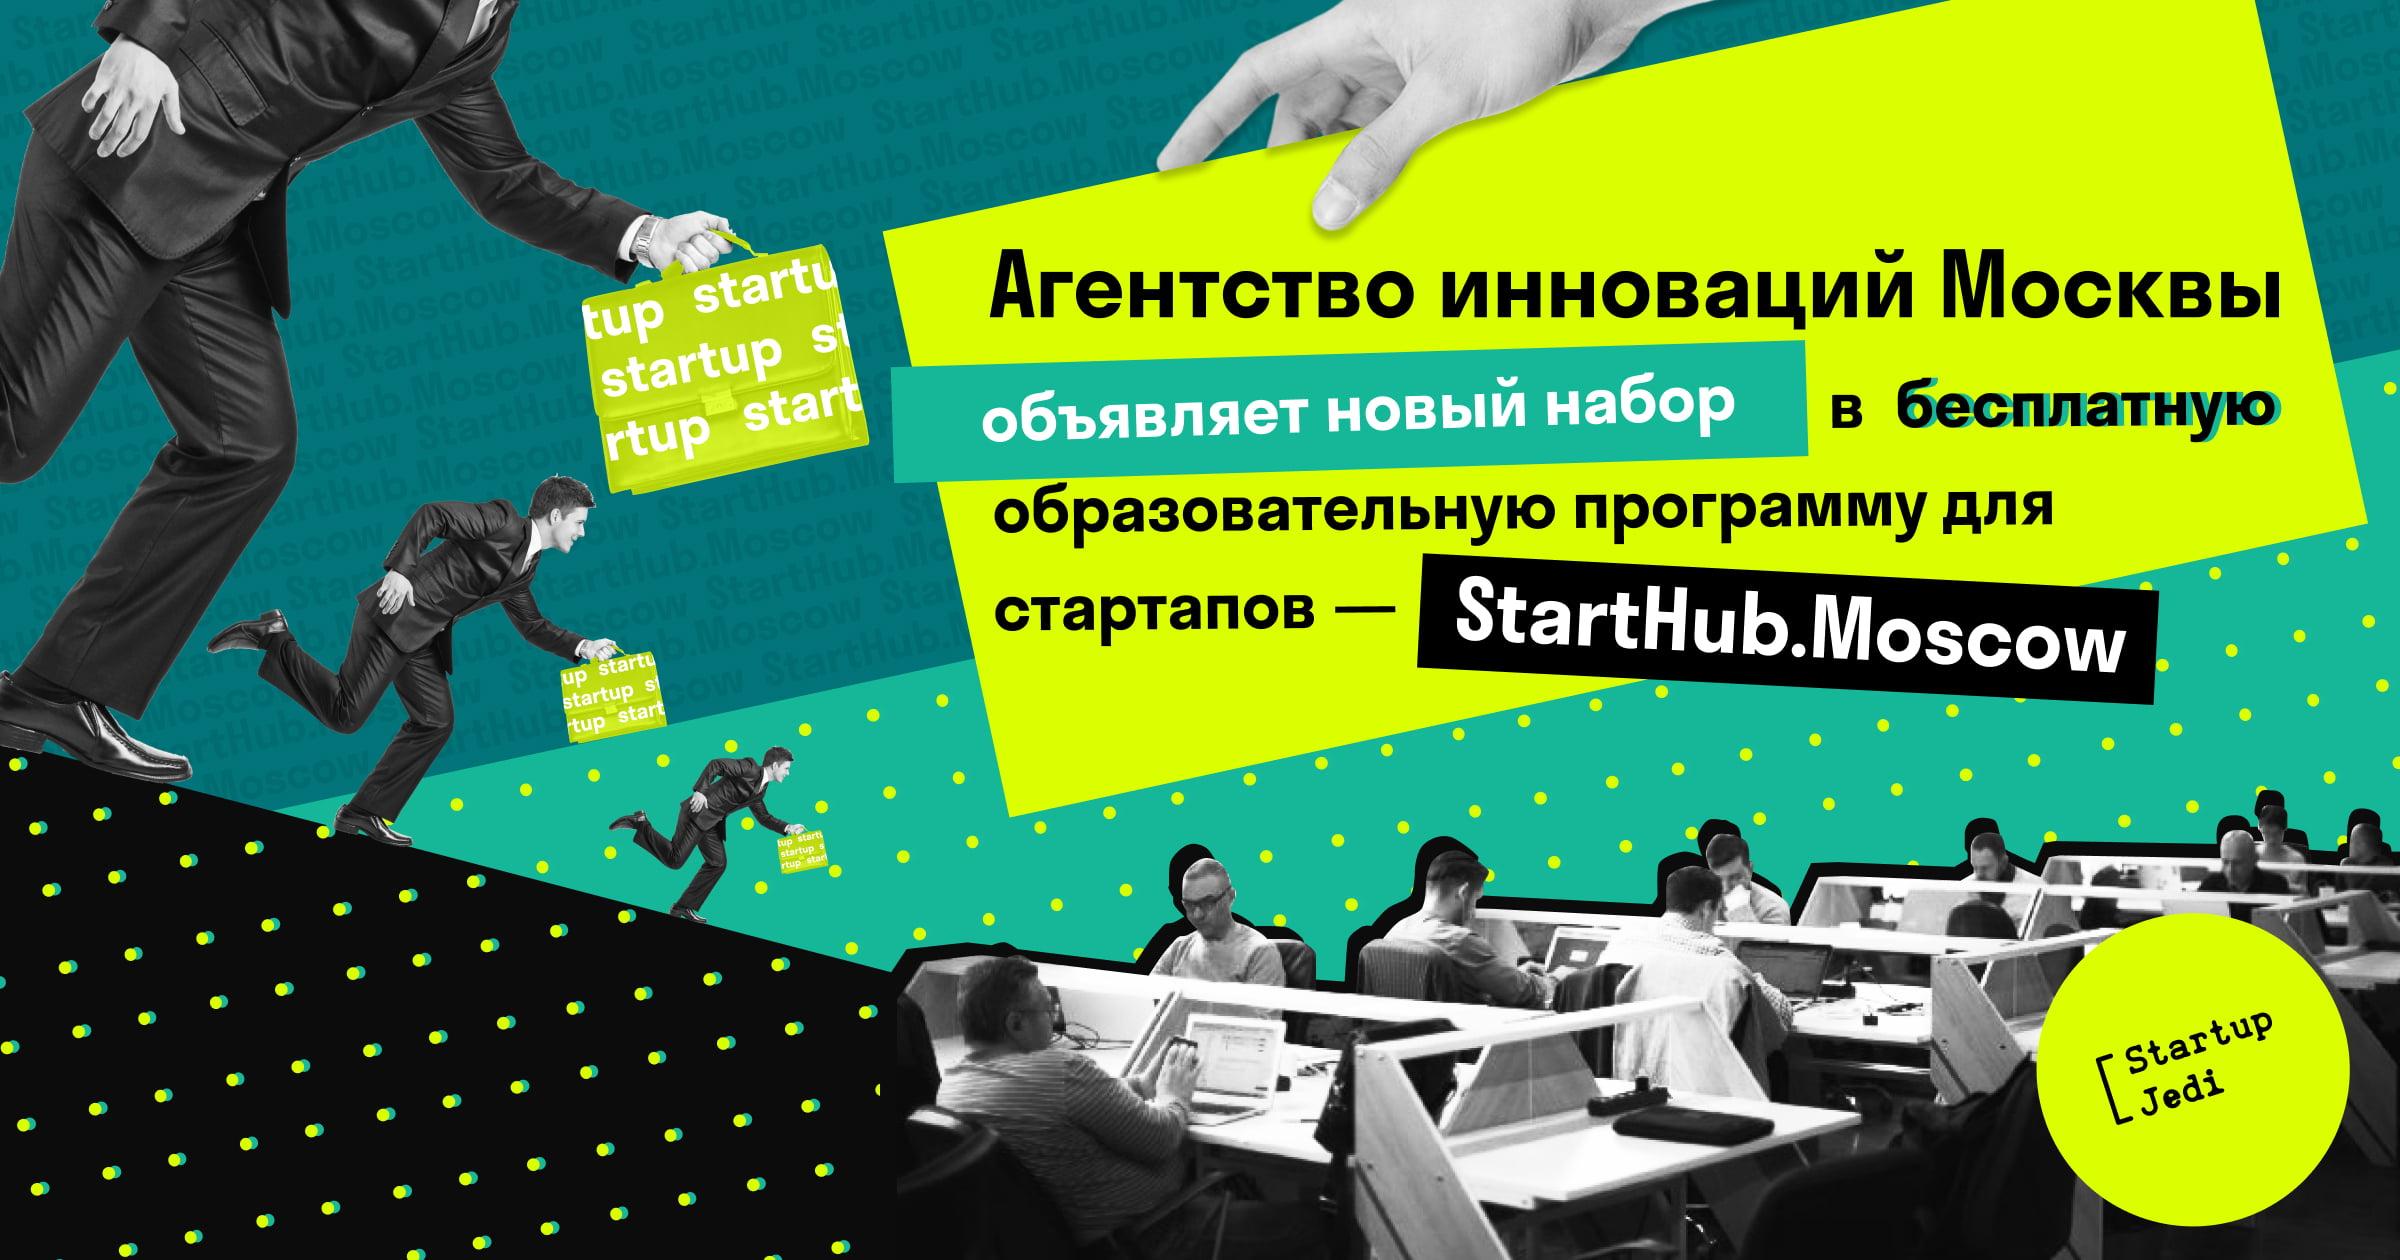 Агентство инноваций Москвы объявляет новый набор в бесплатную образовательную программу для стартапов — StartHub.Moscow